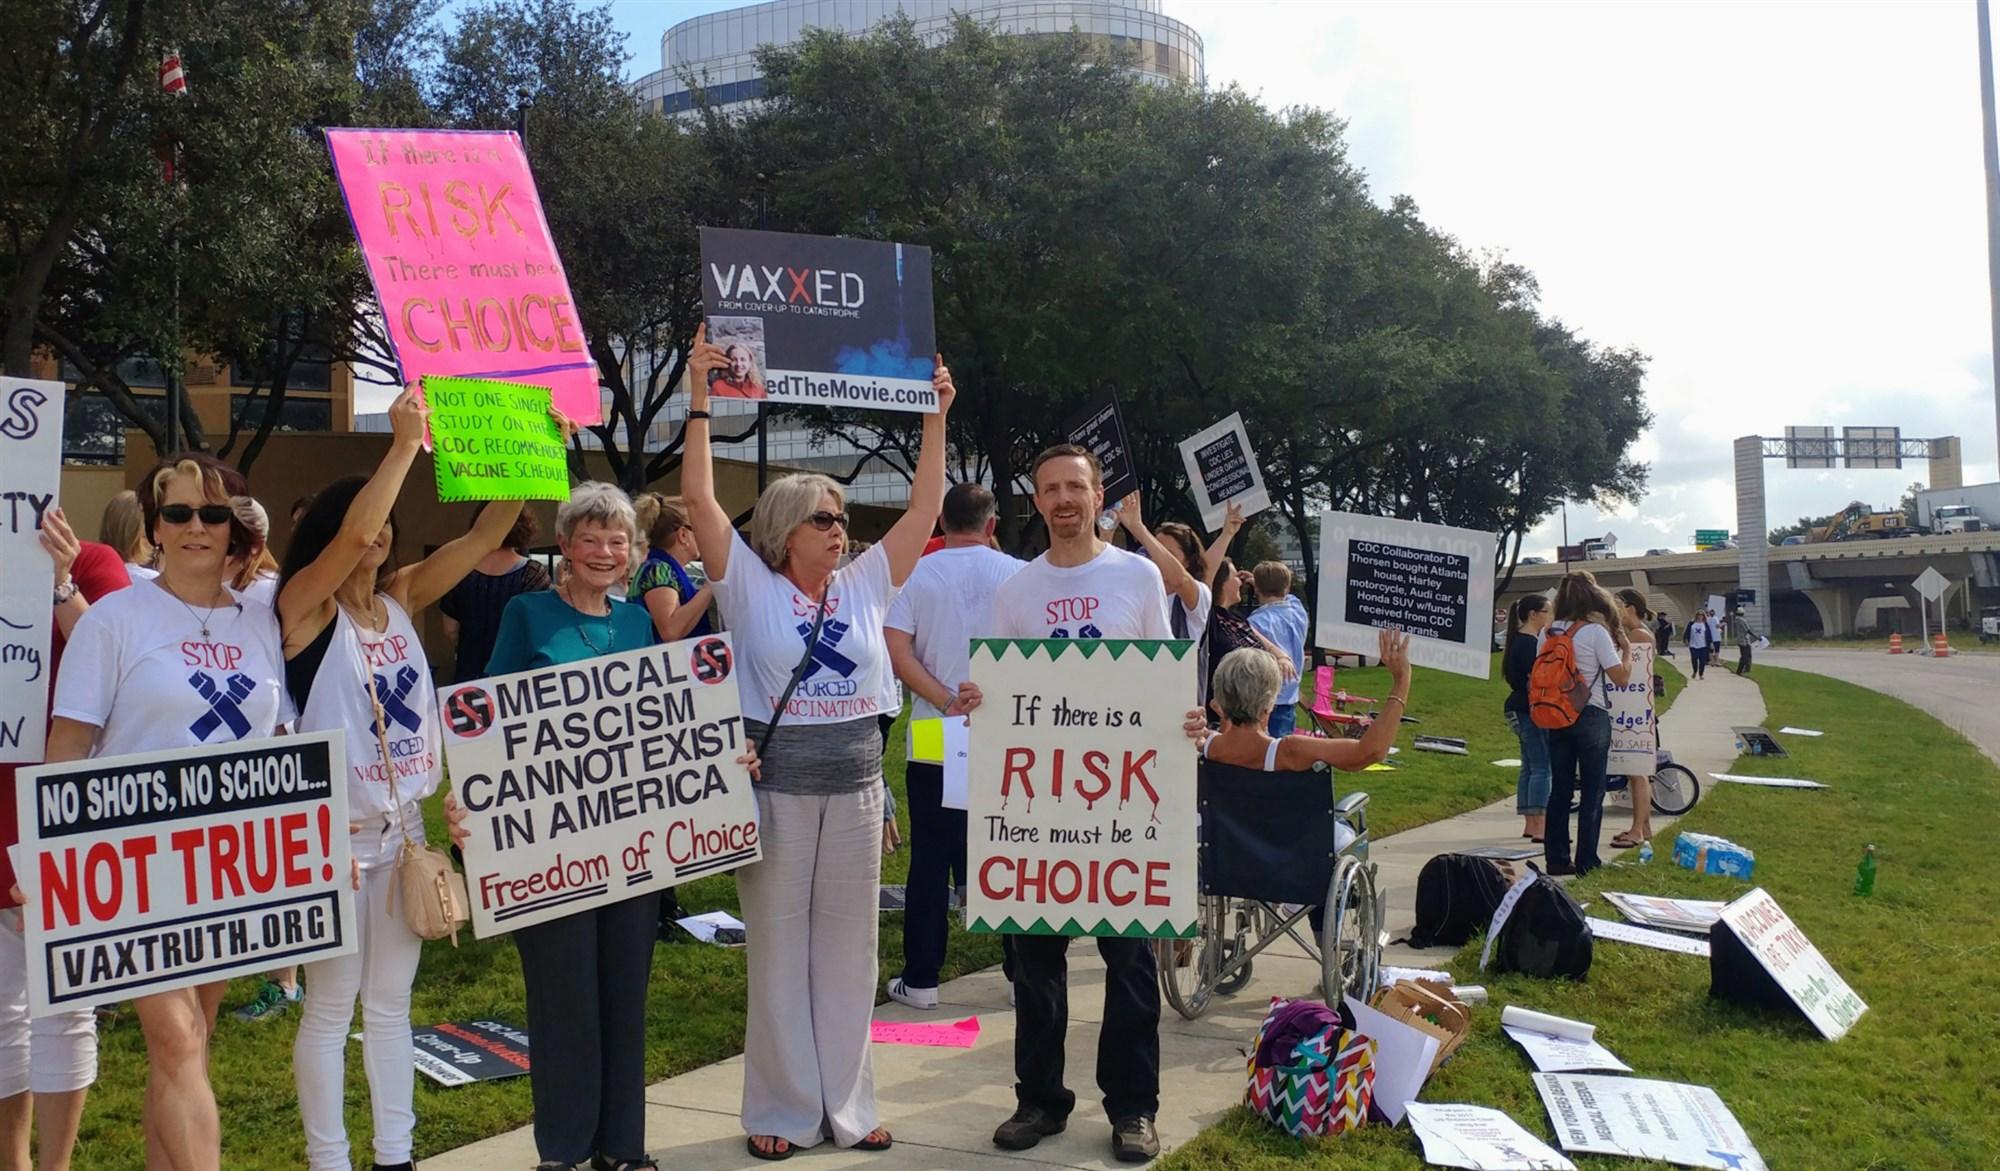 """Протестующие выступают против обязательной вакцинации в Хьюстоне, США. Надпись на плакате: """"Медицинский фашизм не может существовать в Америке"""""""